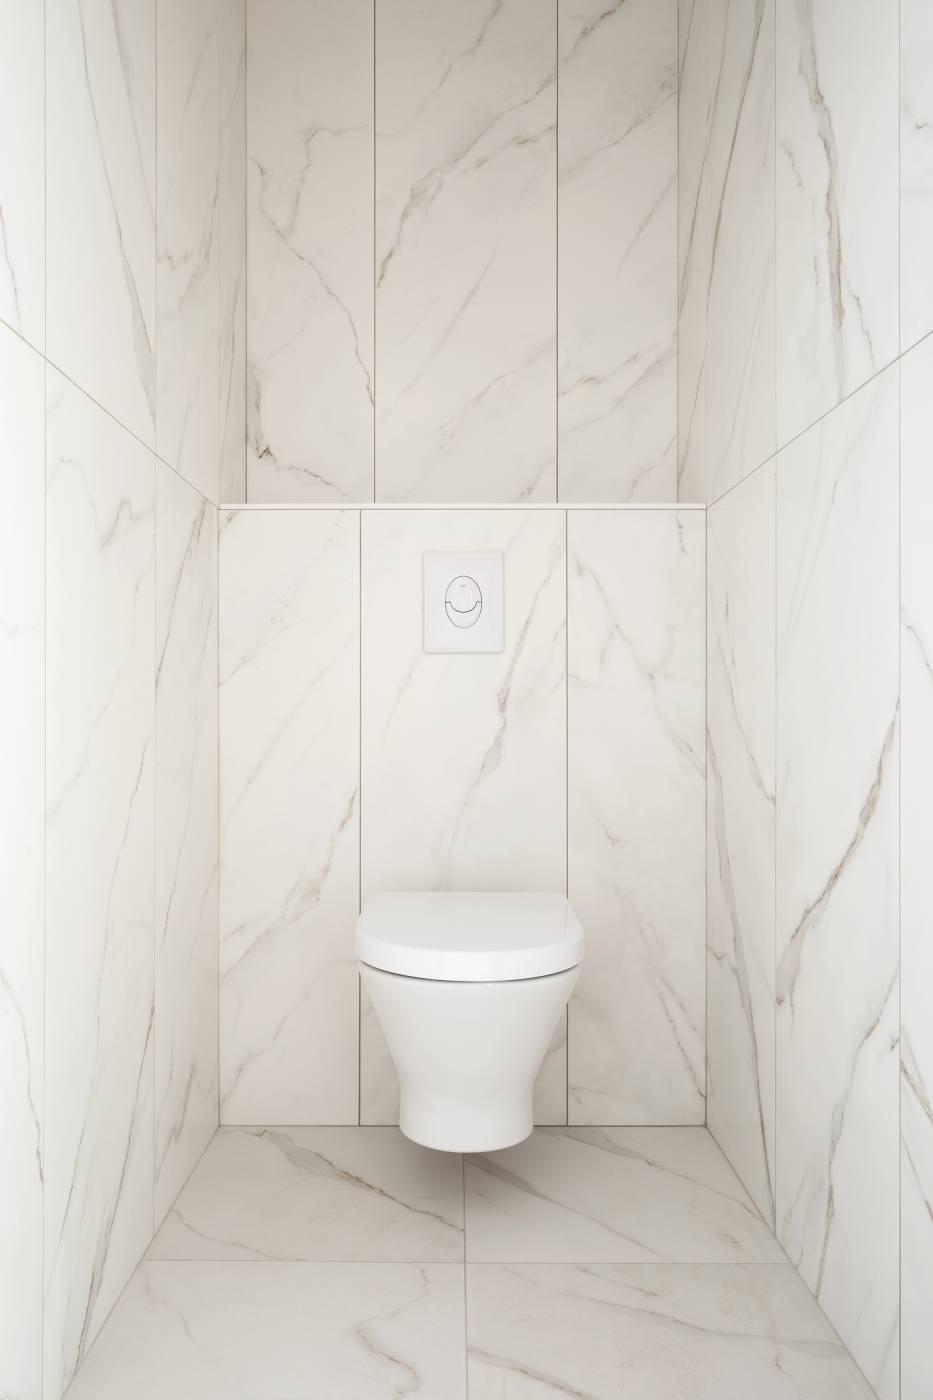 Salle de bains effet marbre Aix en Provence - Carrelage ...